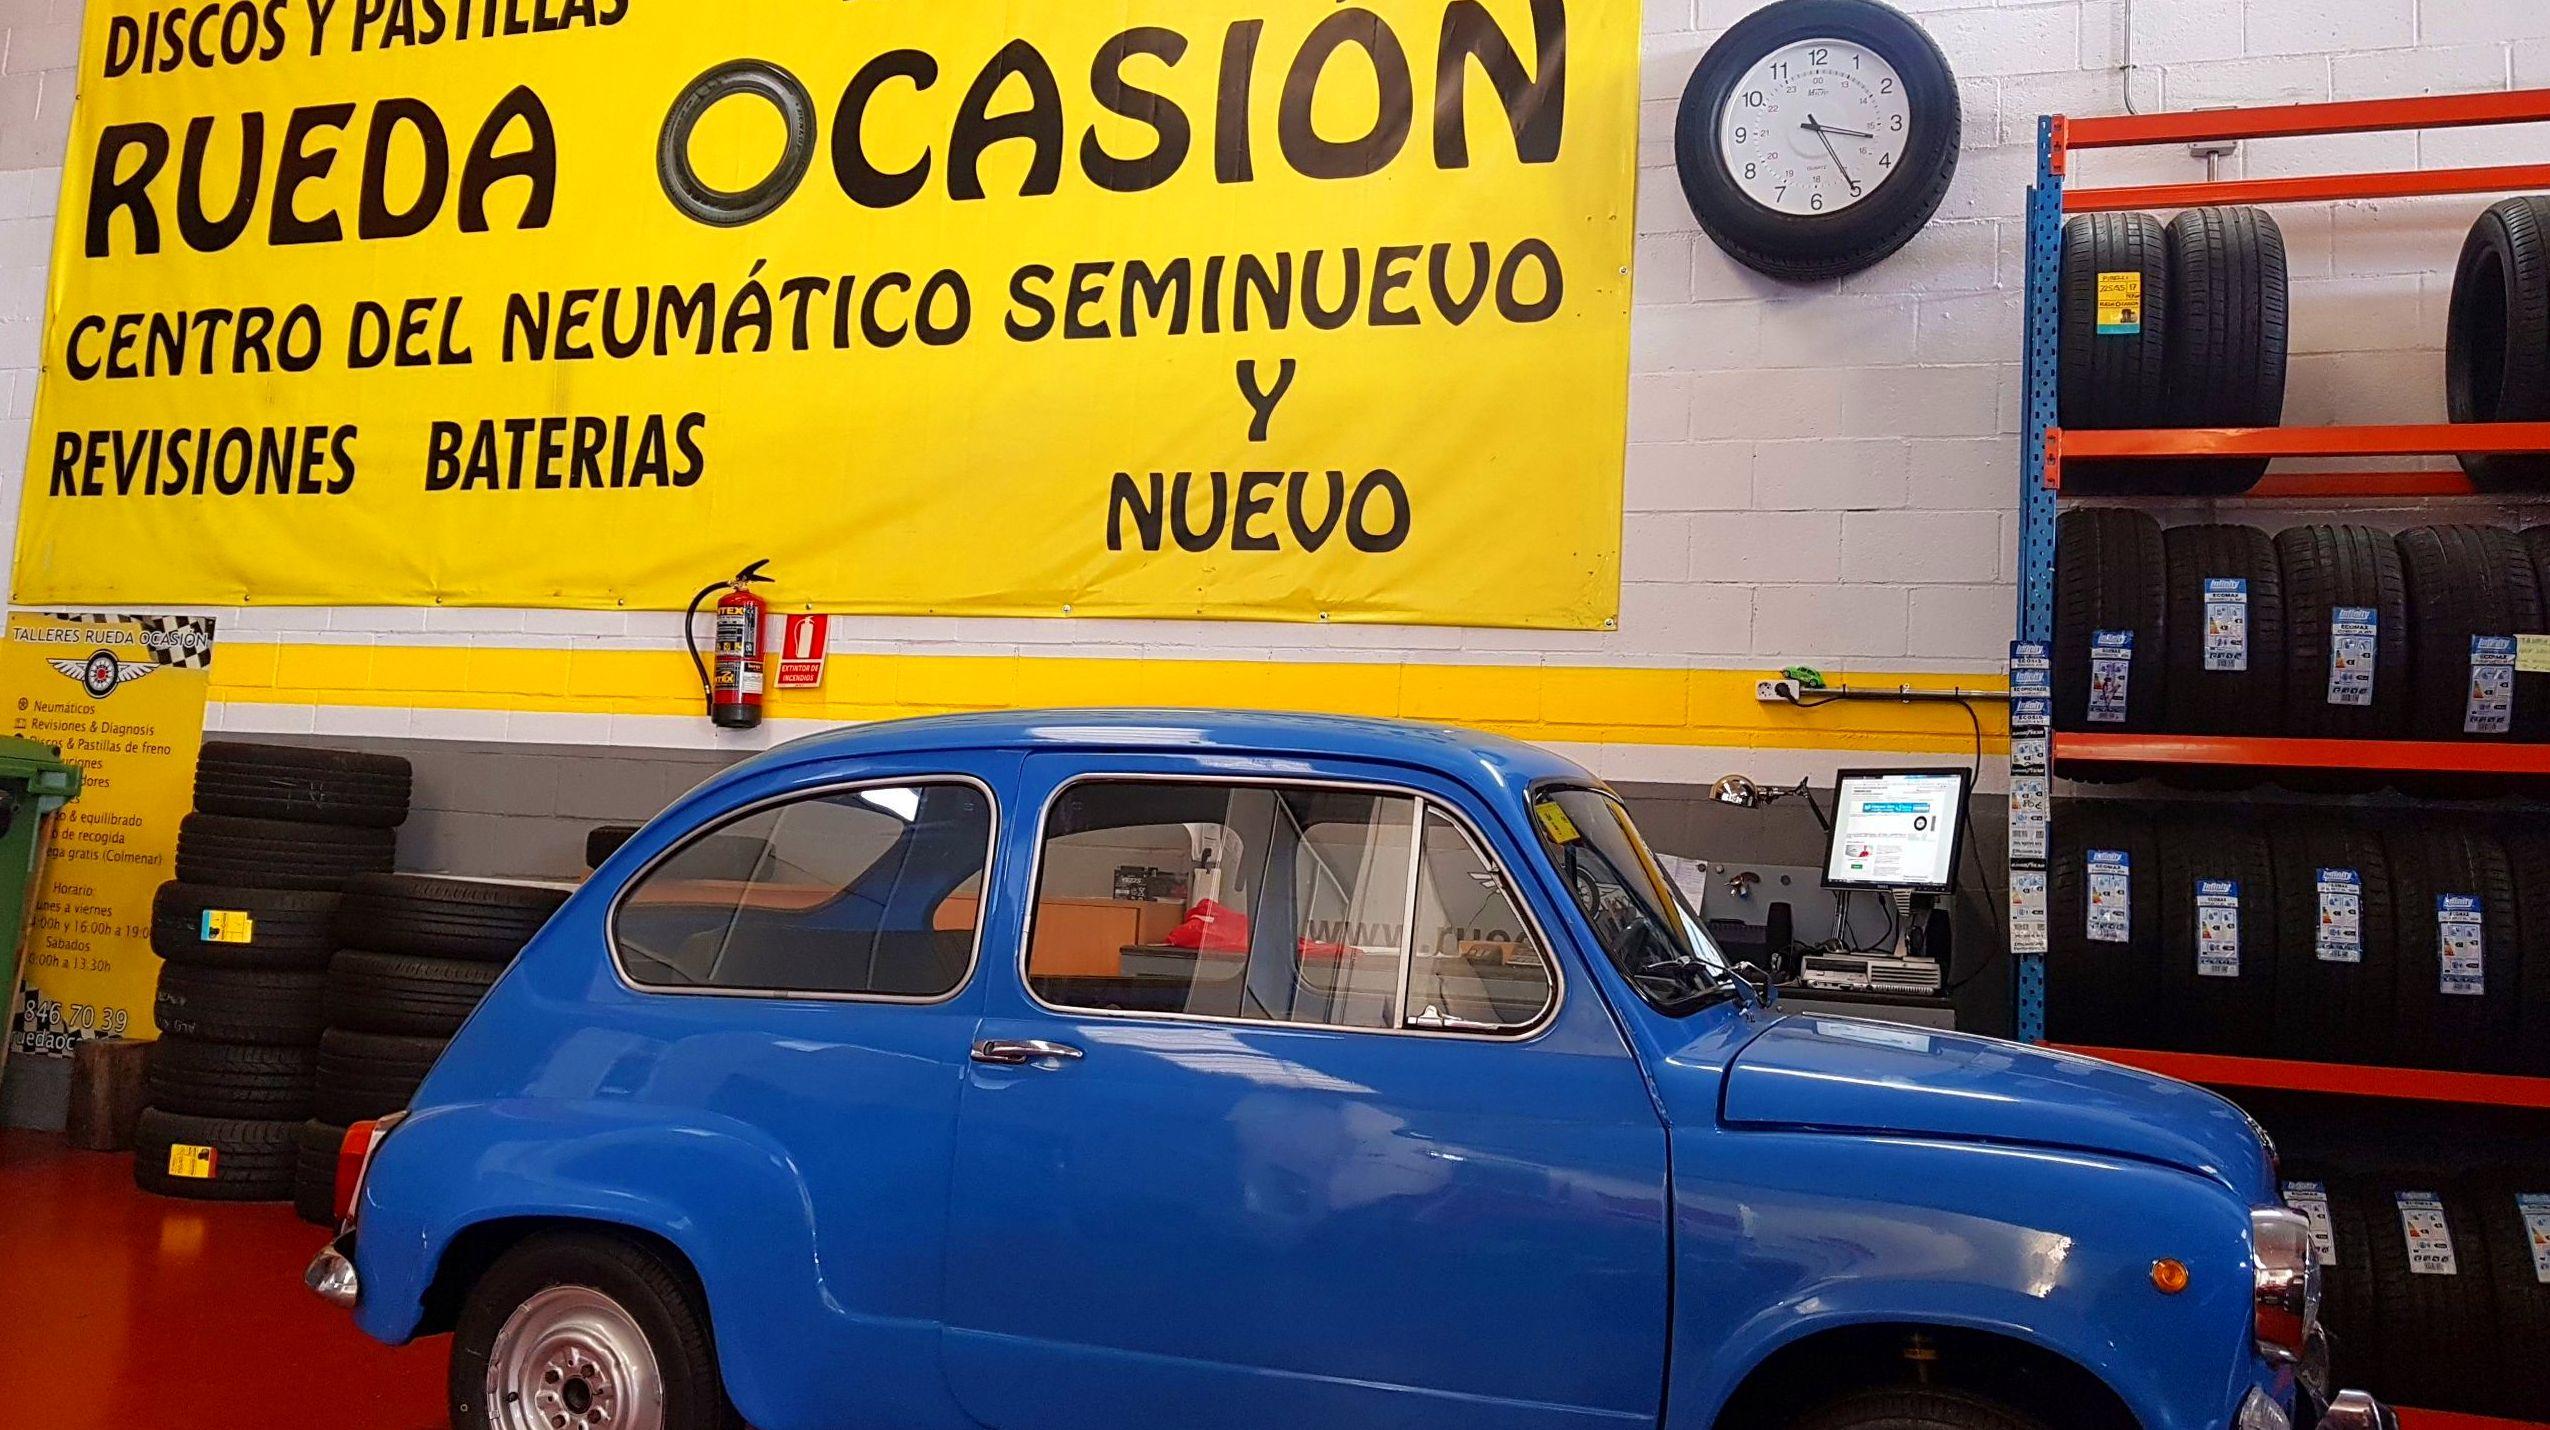 Foto 8 de Neumáticos en Colmenar Viejo | Rueda Ocasión